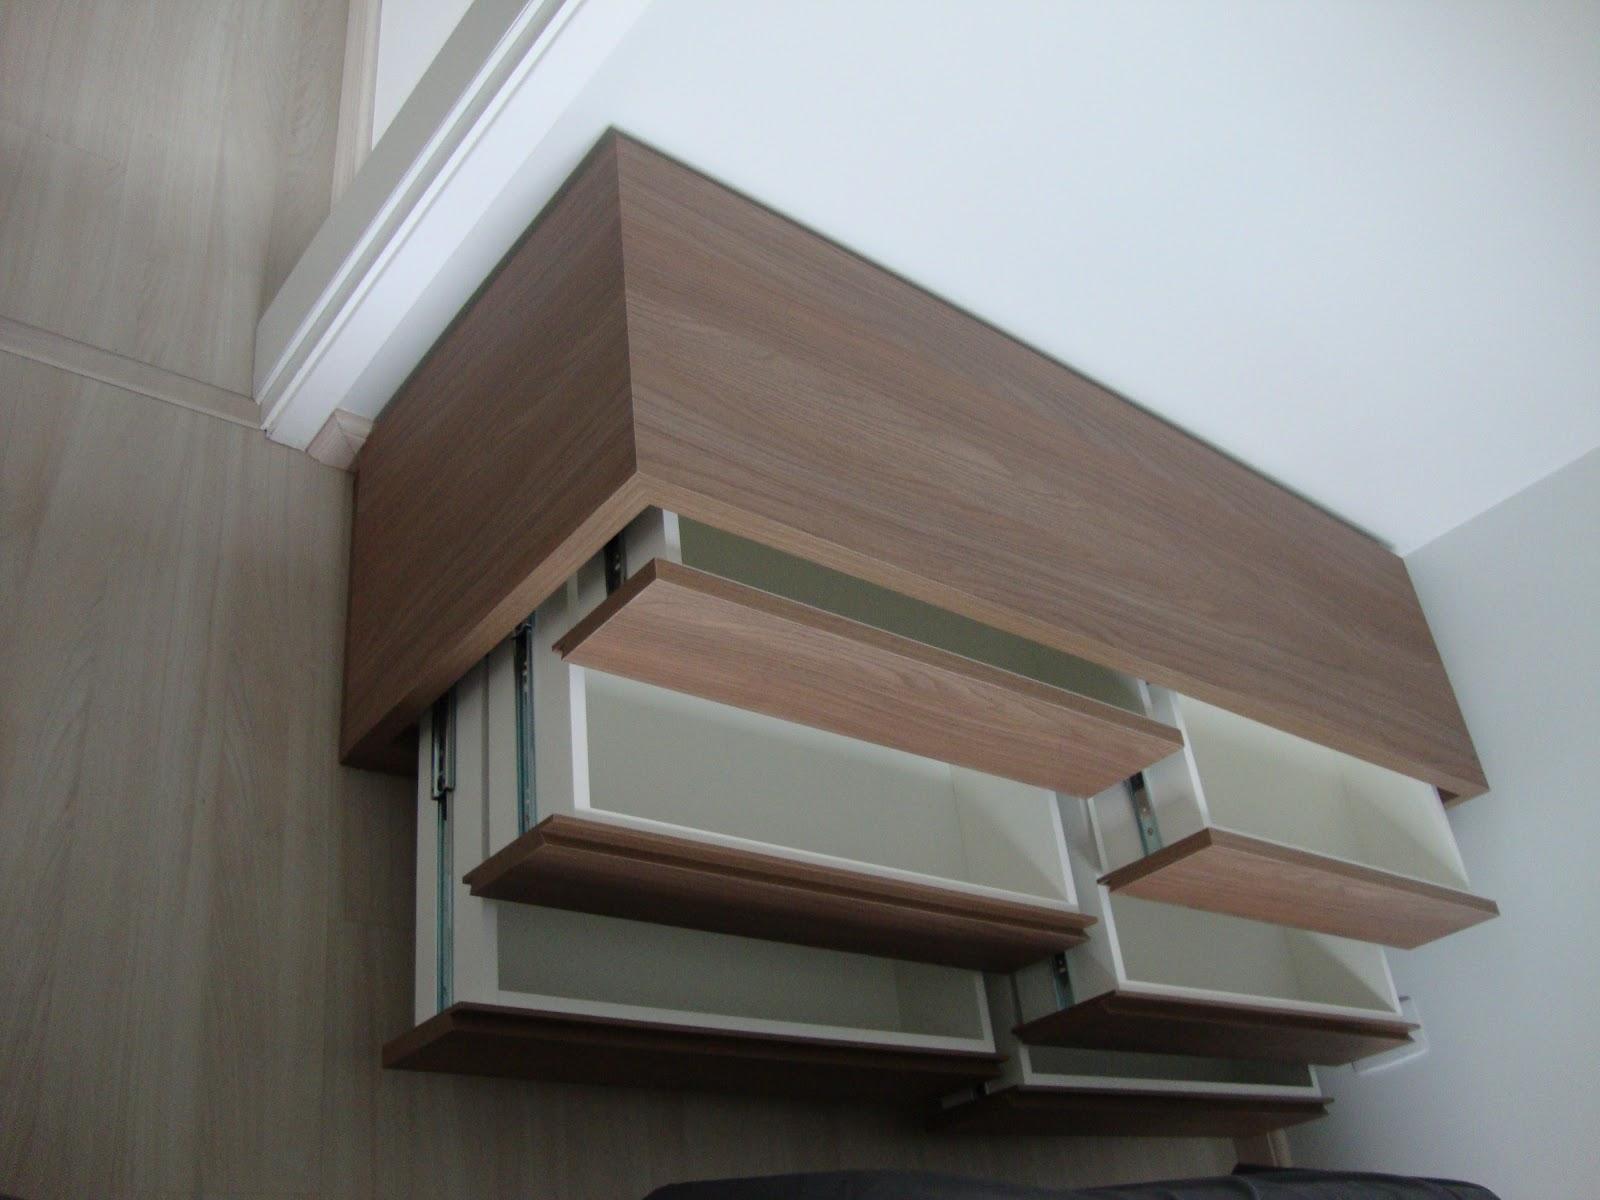 criamos um móvel baixo em mdf madeirado com seis gavetas bem largas  #51677A 1600x1200